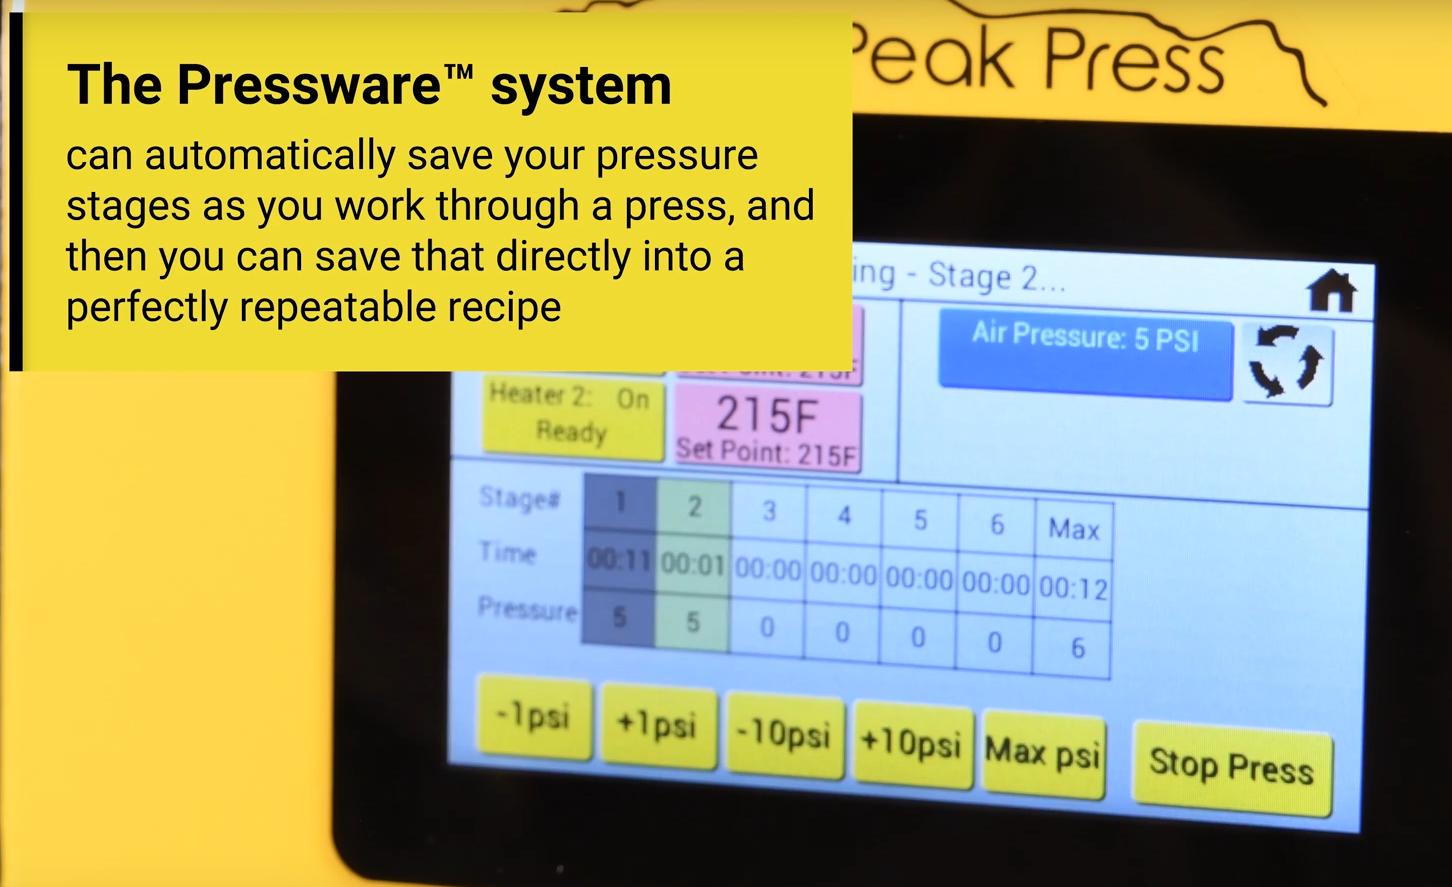 Pikes Peak Automated Pressure Control Upgrade Kit